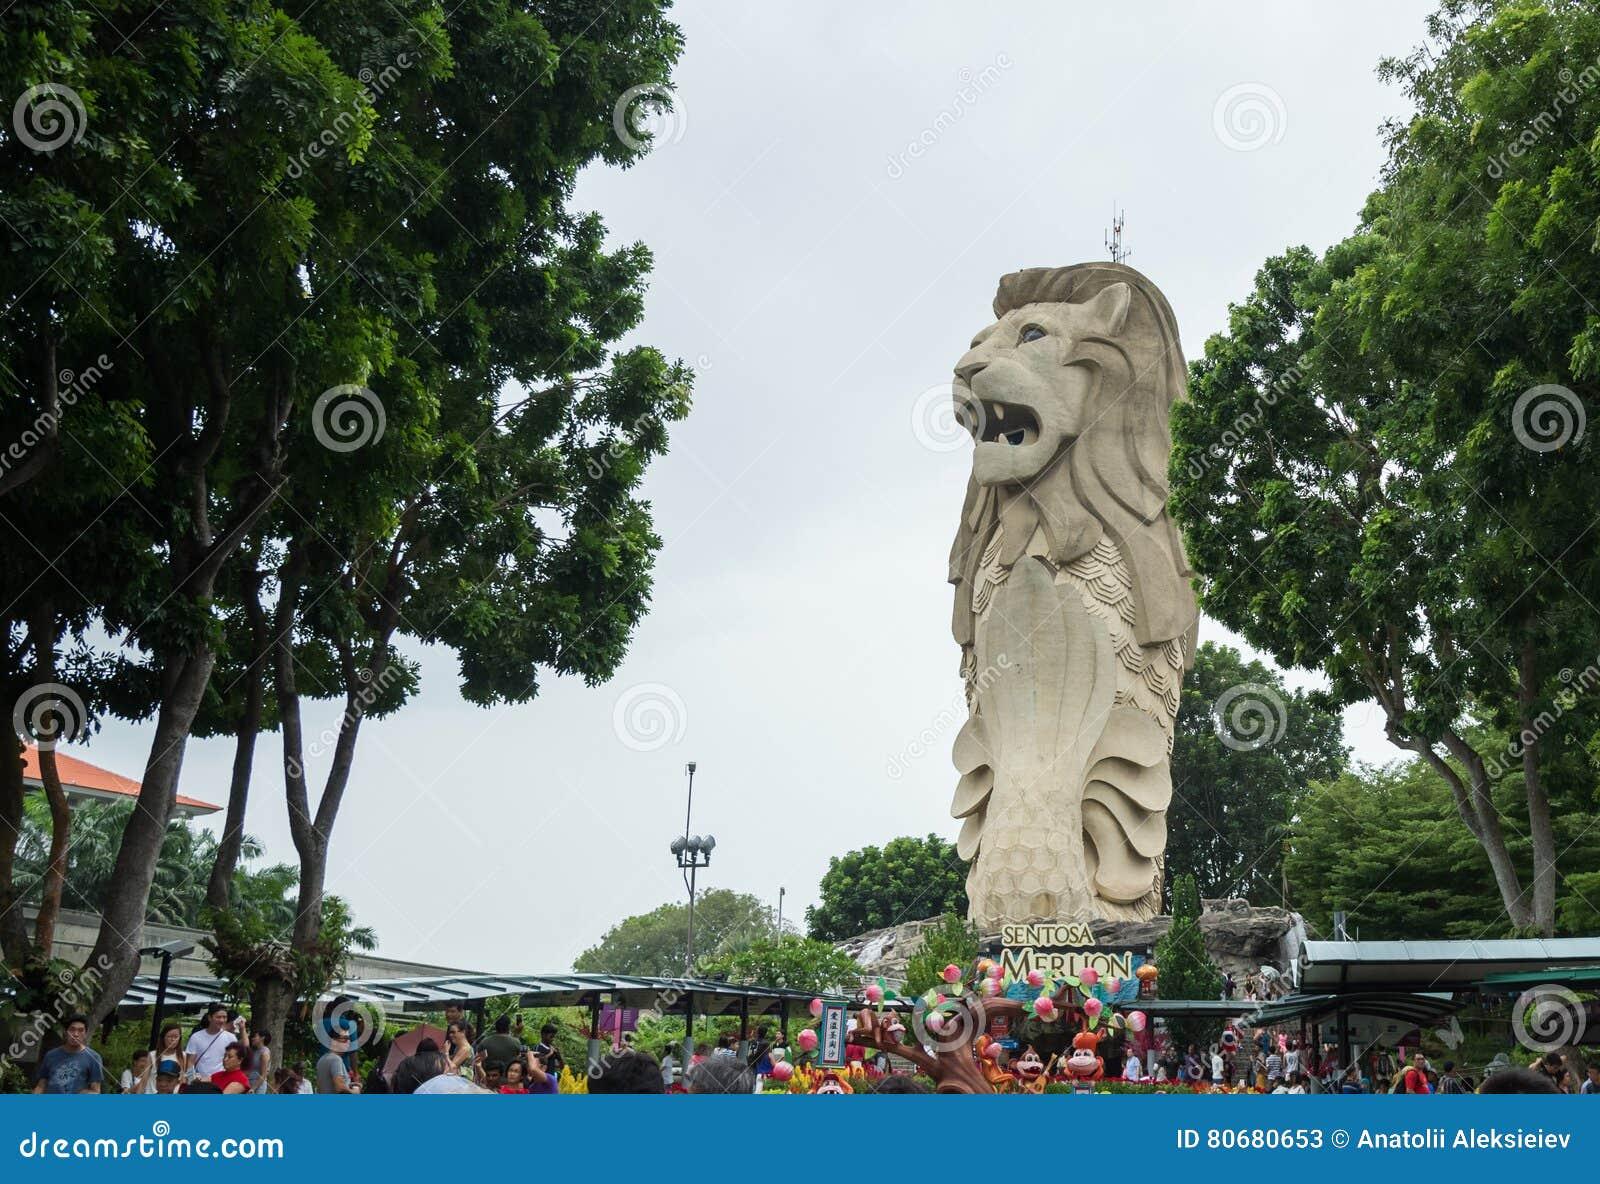 Sentosa Merlion overheerst de burgers op de straten van Singapore